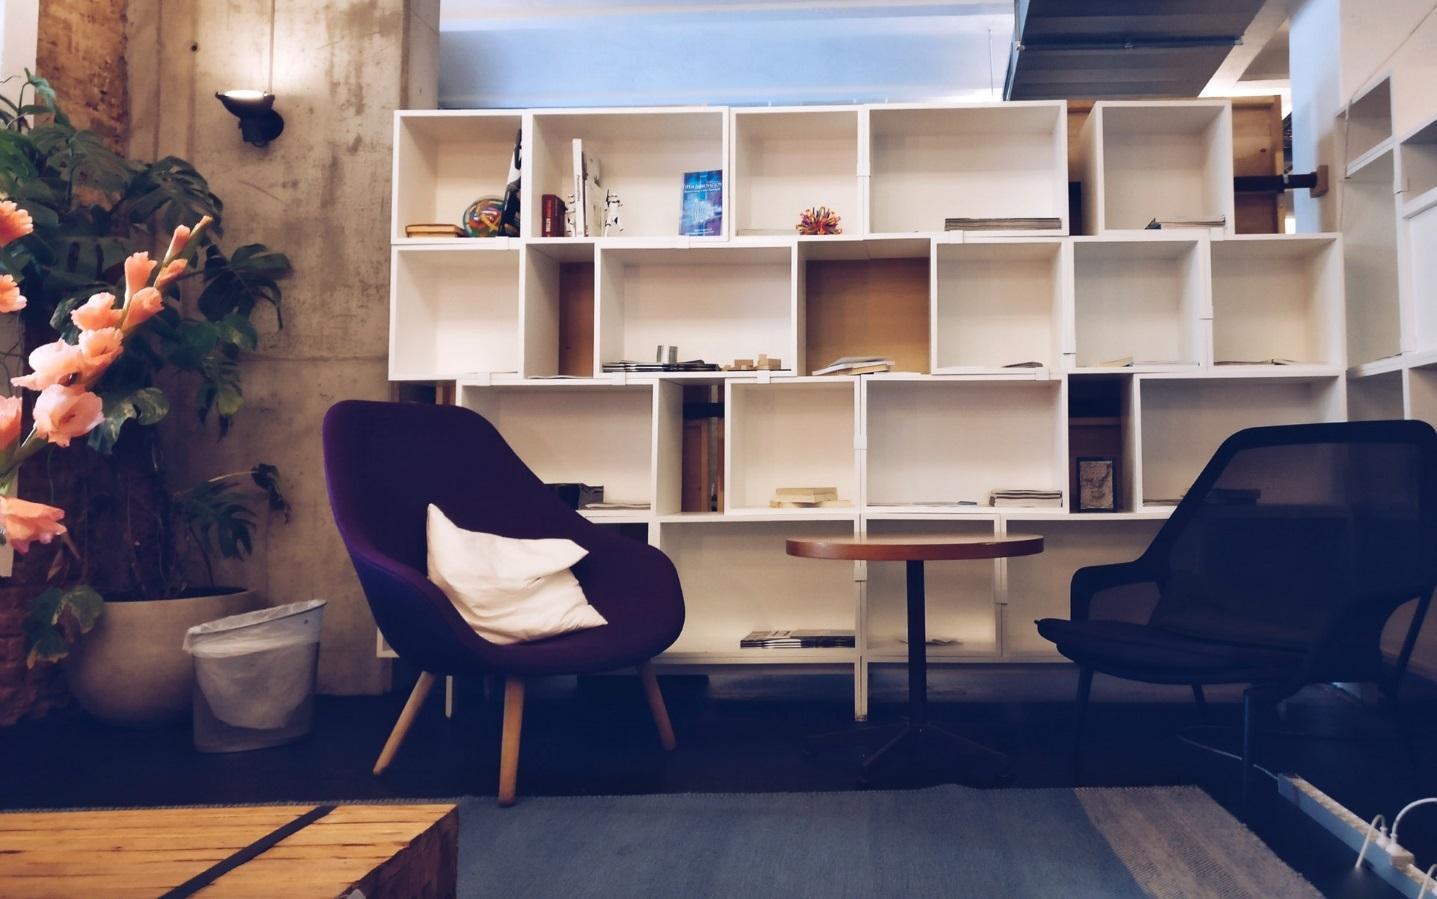 Die kostbare Einrichtung des Wohnzimmers. [Copyright = Ingo Joseph / pexels.com]